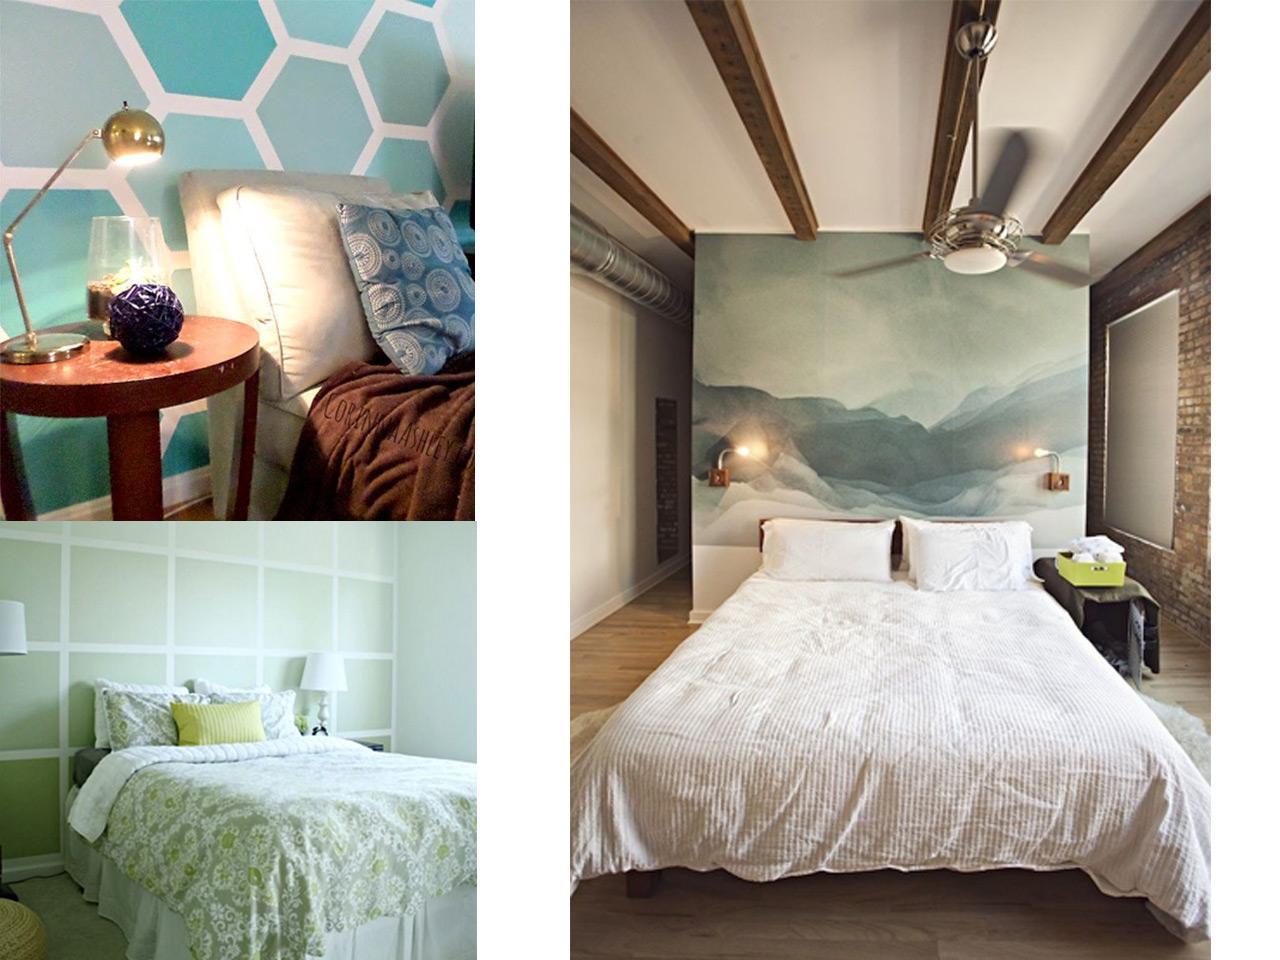 Decoraci n de cabeceros de cama para sorprender - Ideas decoracion baratas ...